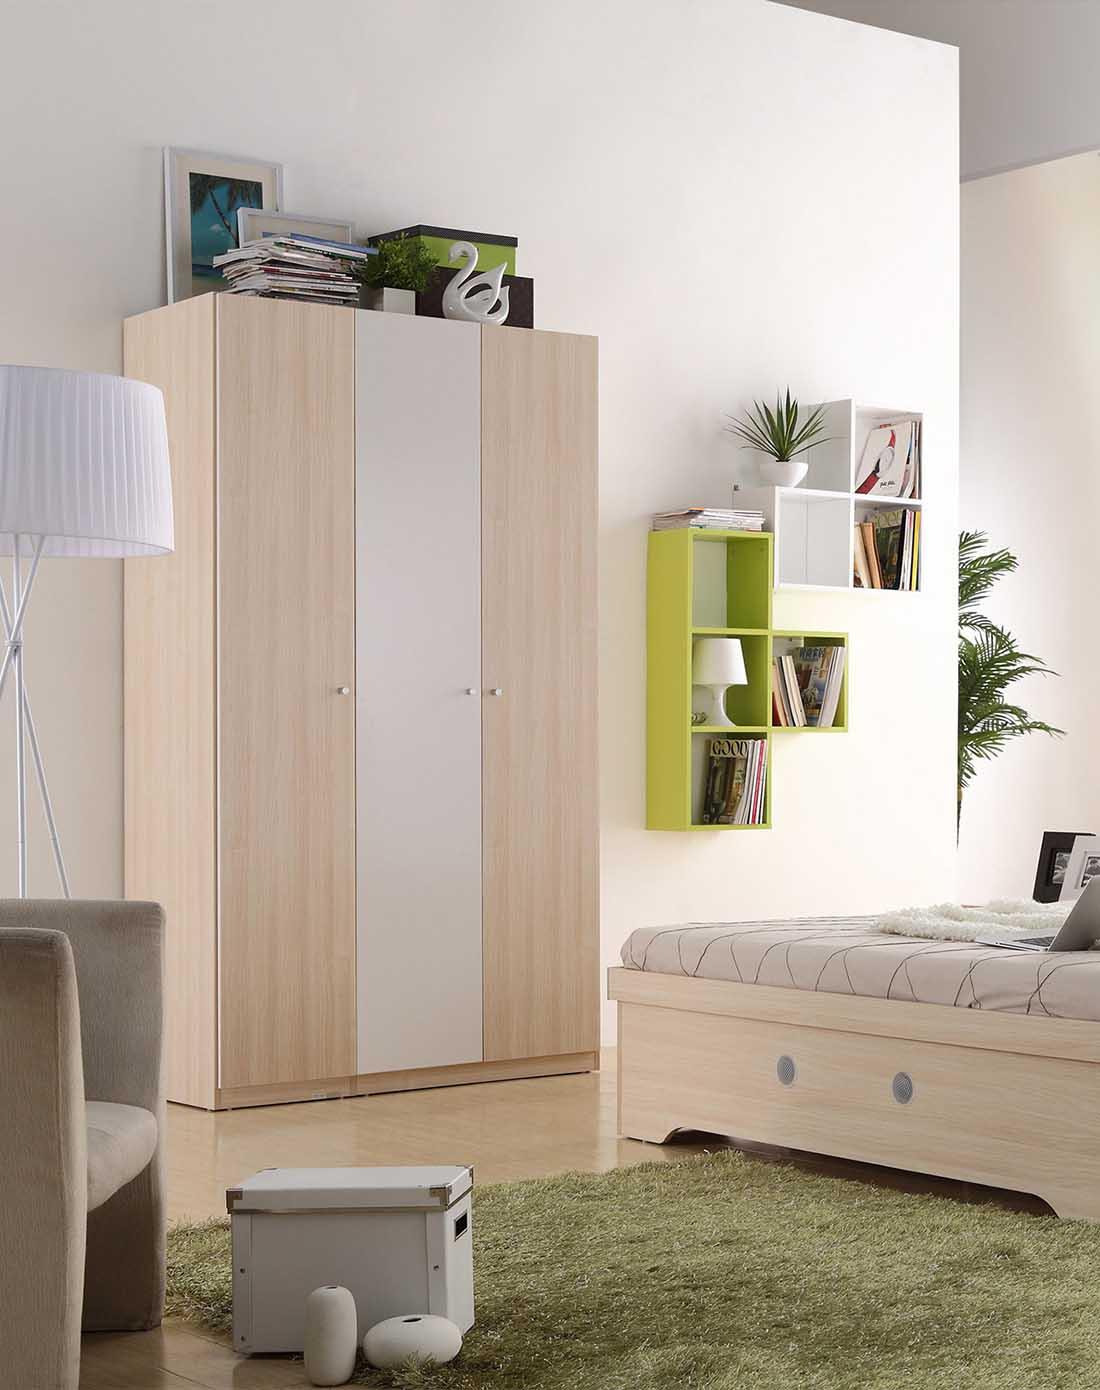 3门衣柜 1.5床 床头柜*1